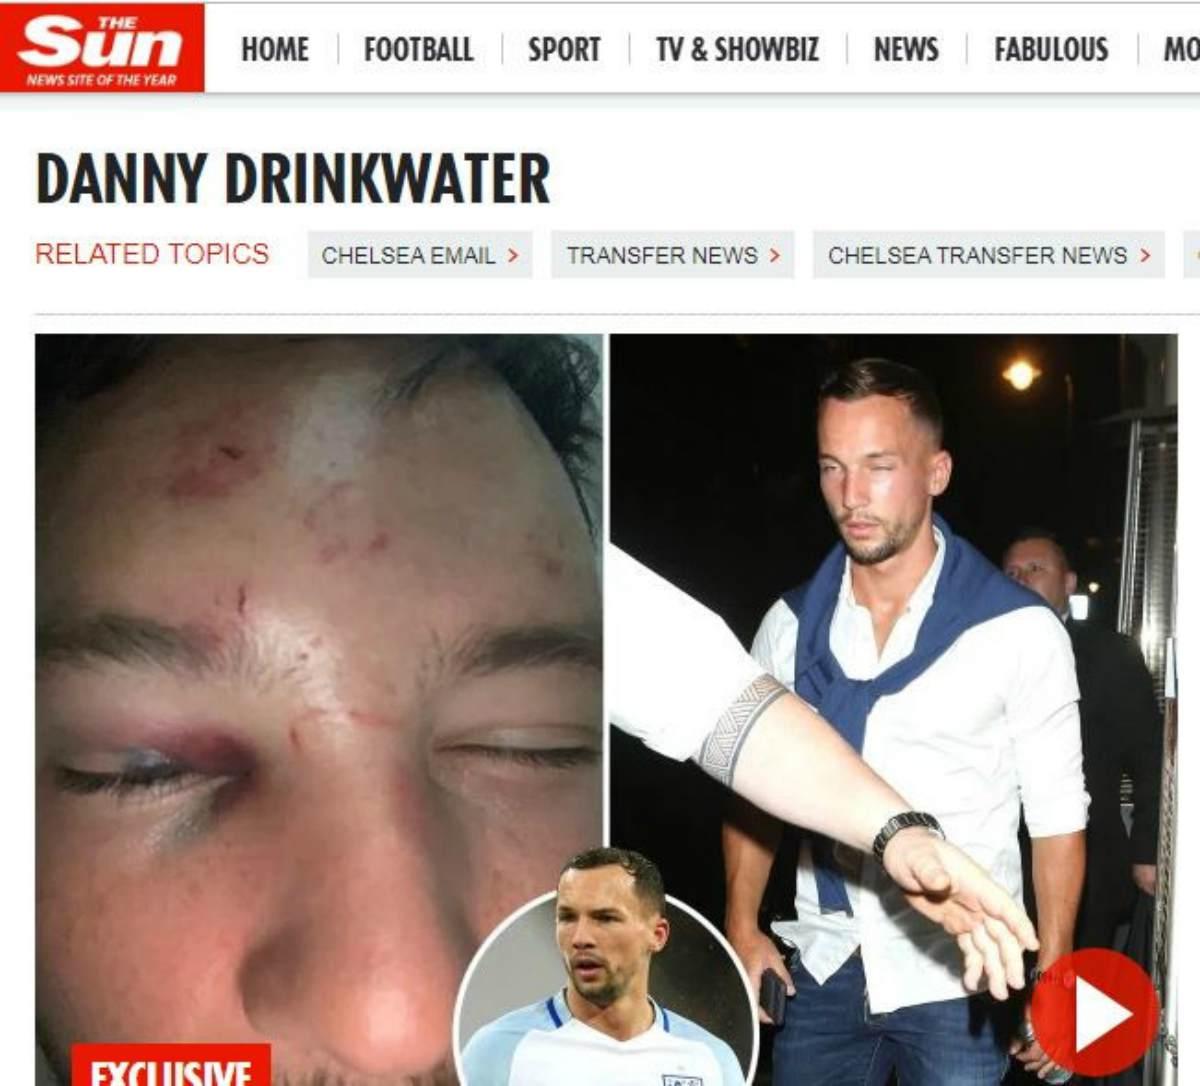 drinkwater 2019 sun